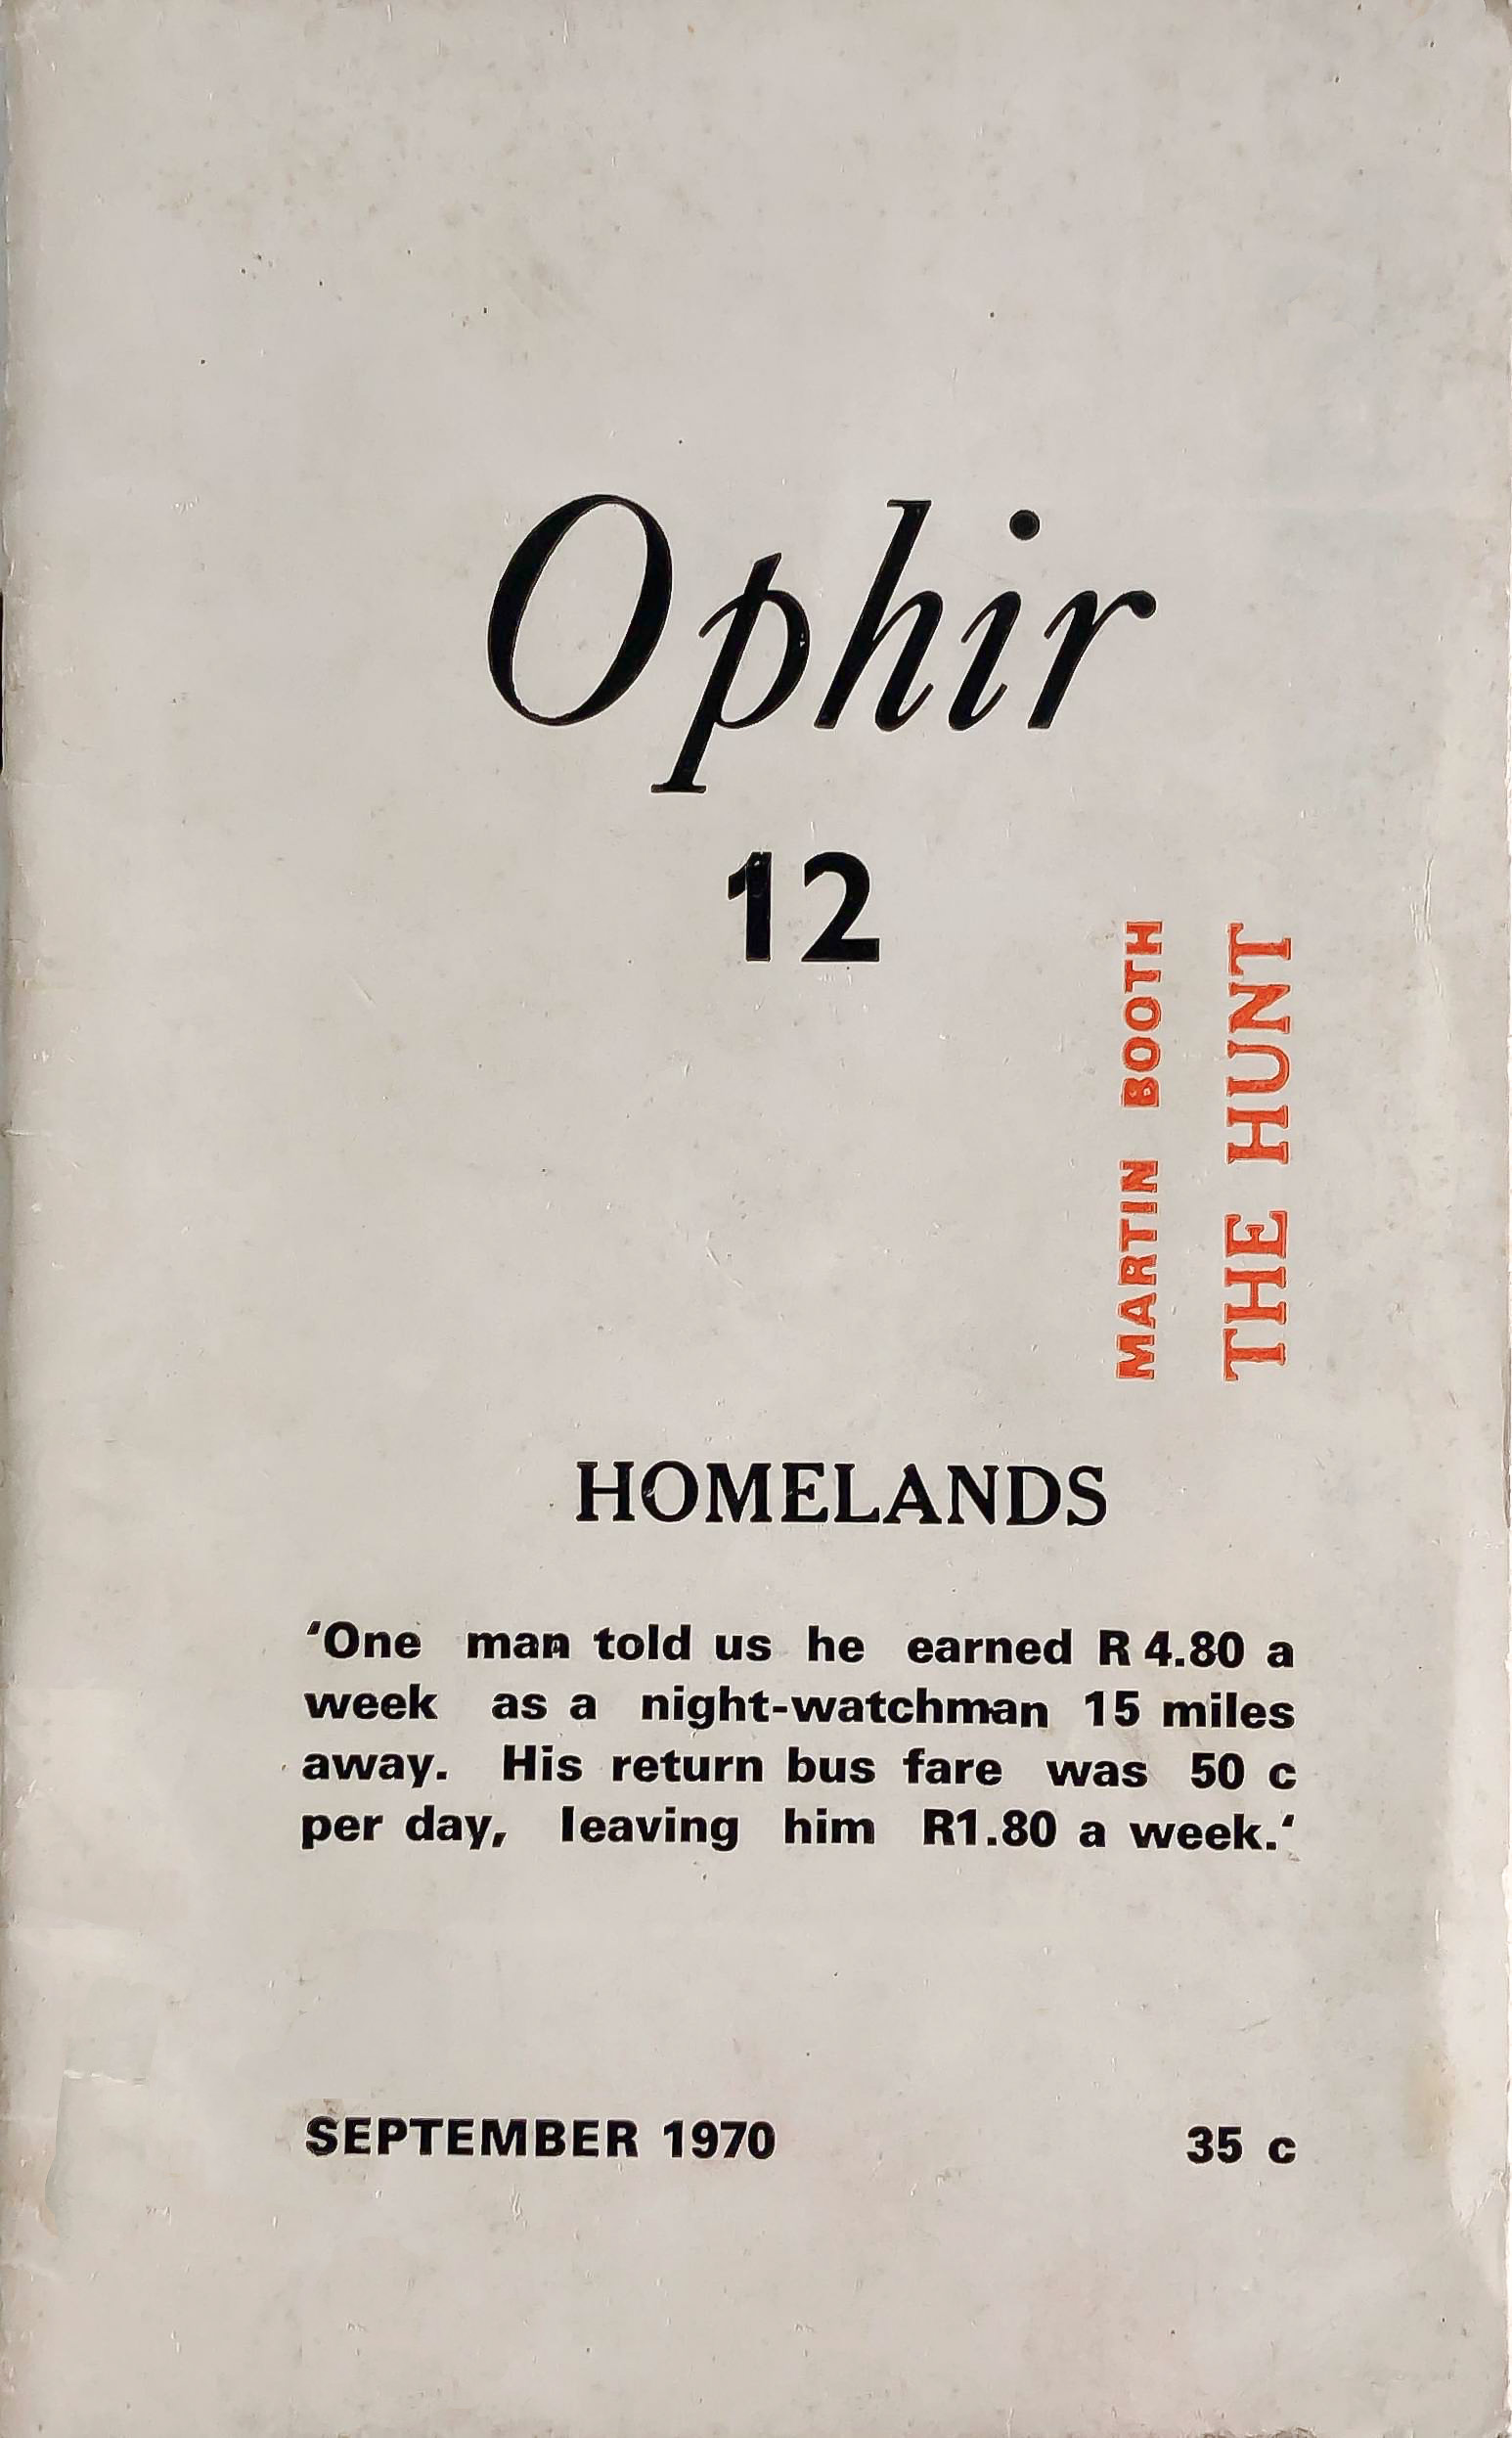 Ophir_12_1970